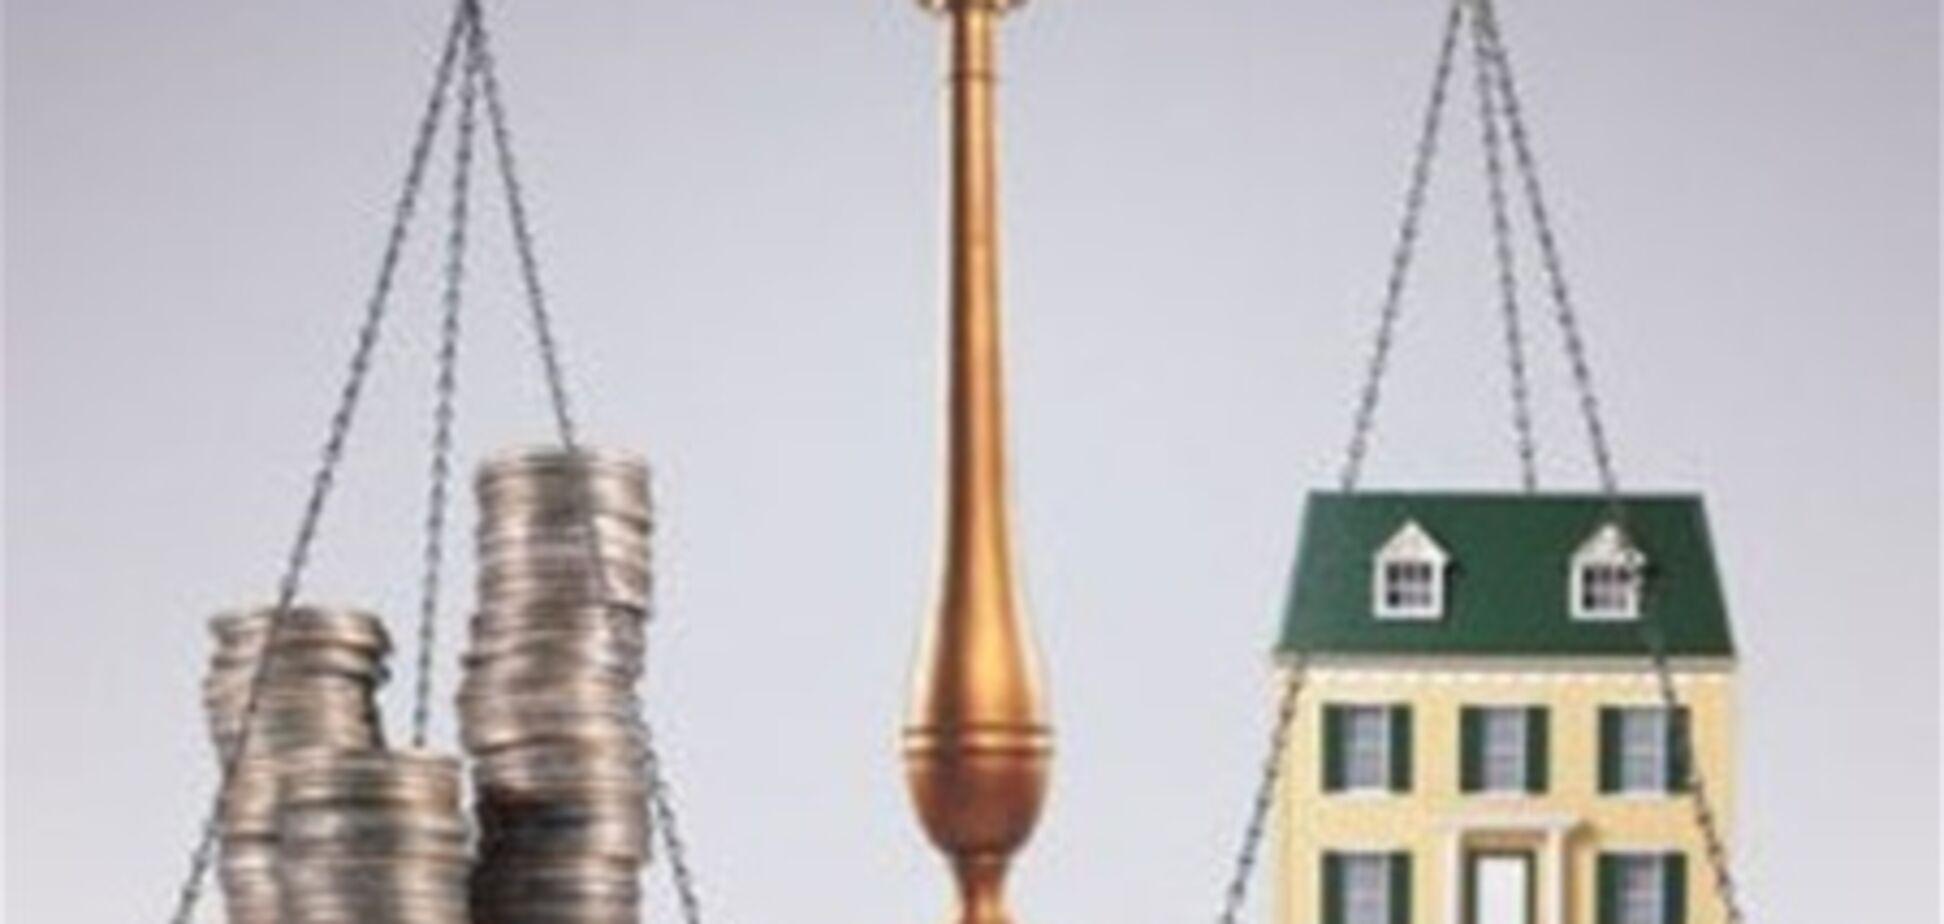 Налог на недвижимость: плюсы и минусы